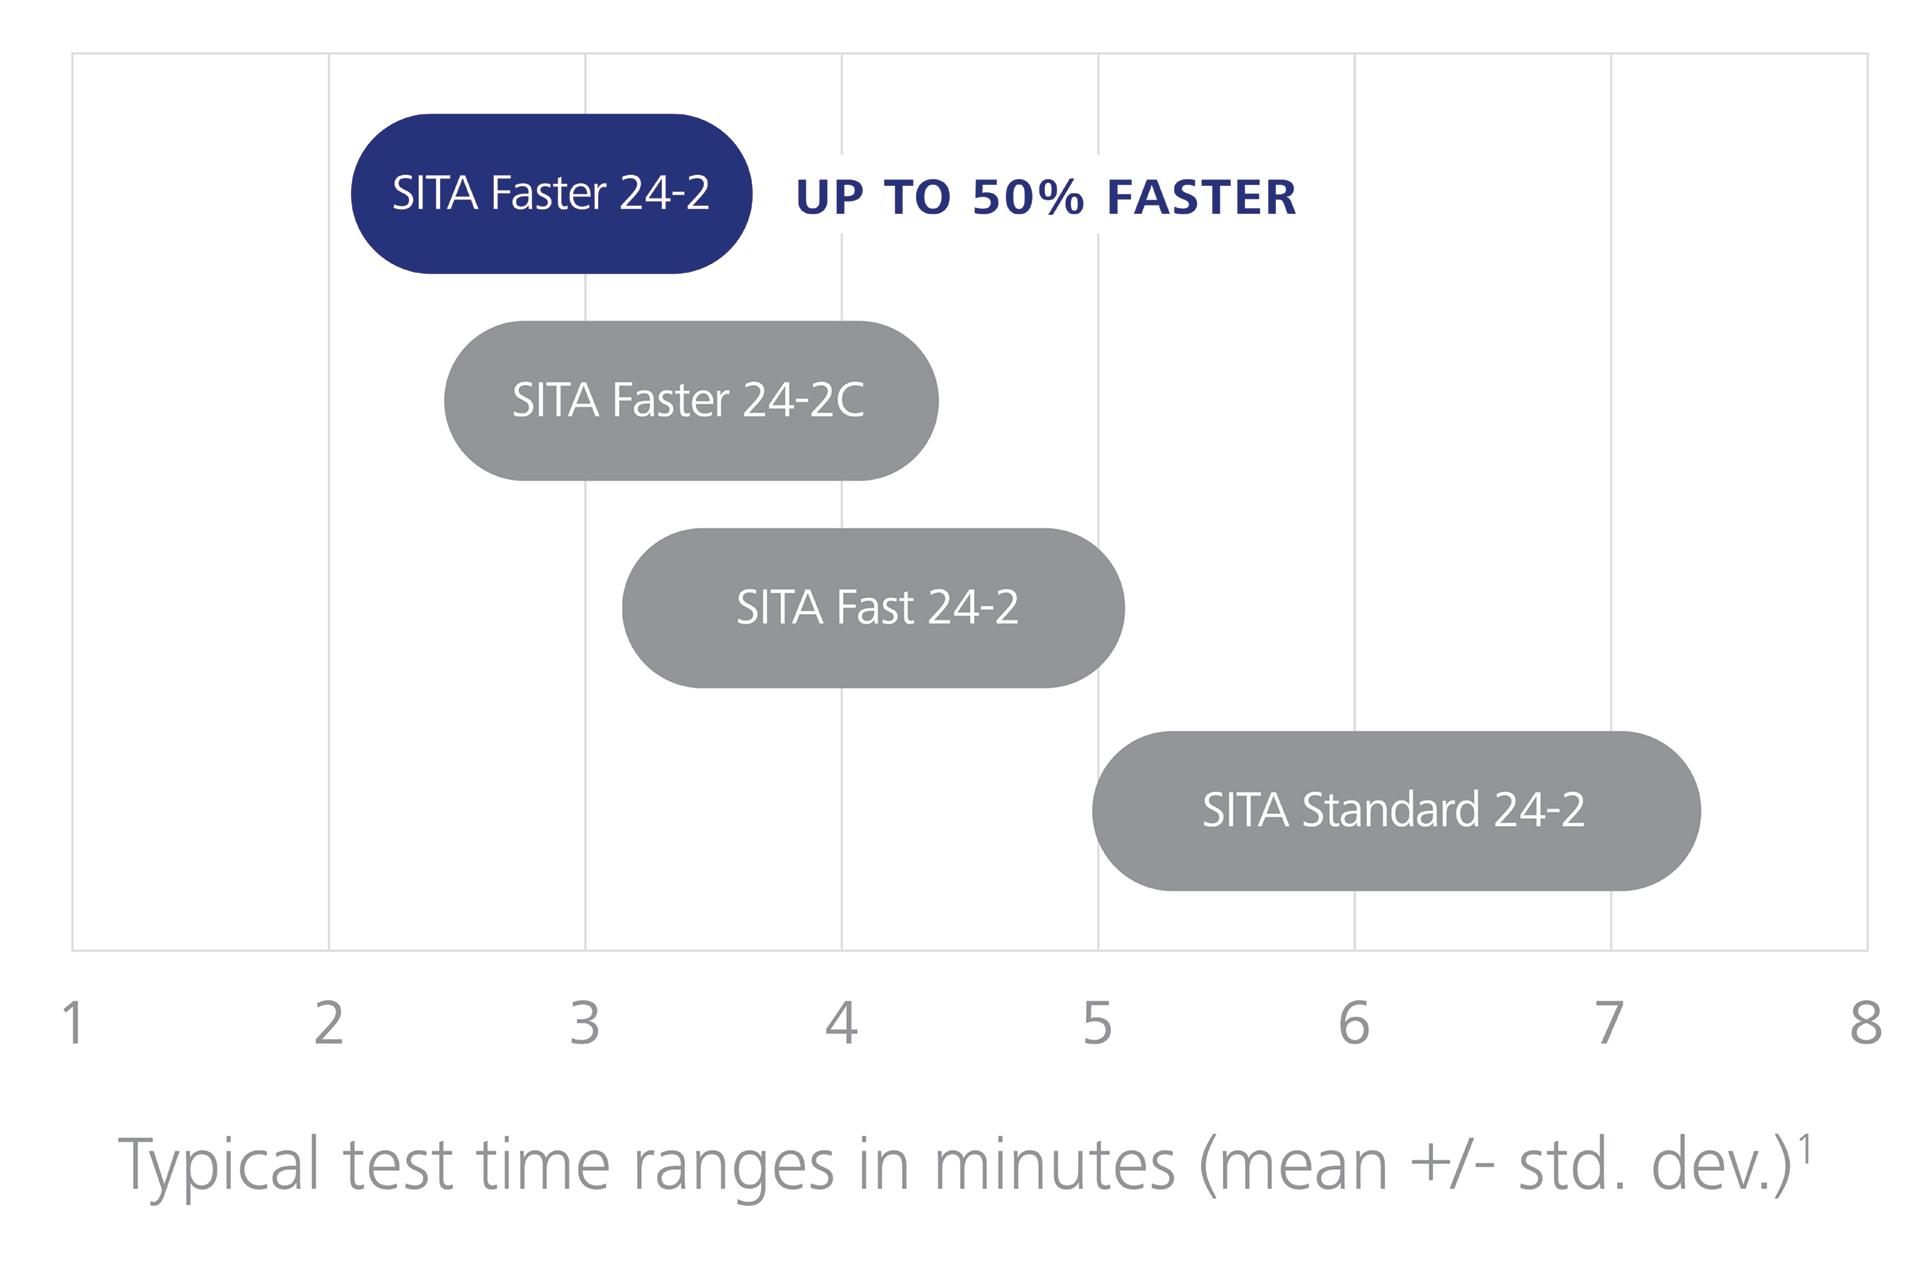 hfa3-sita-comparison.png (137 KB)